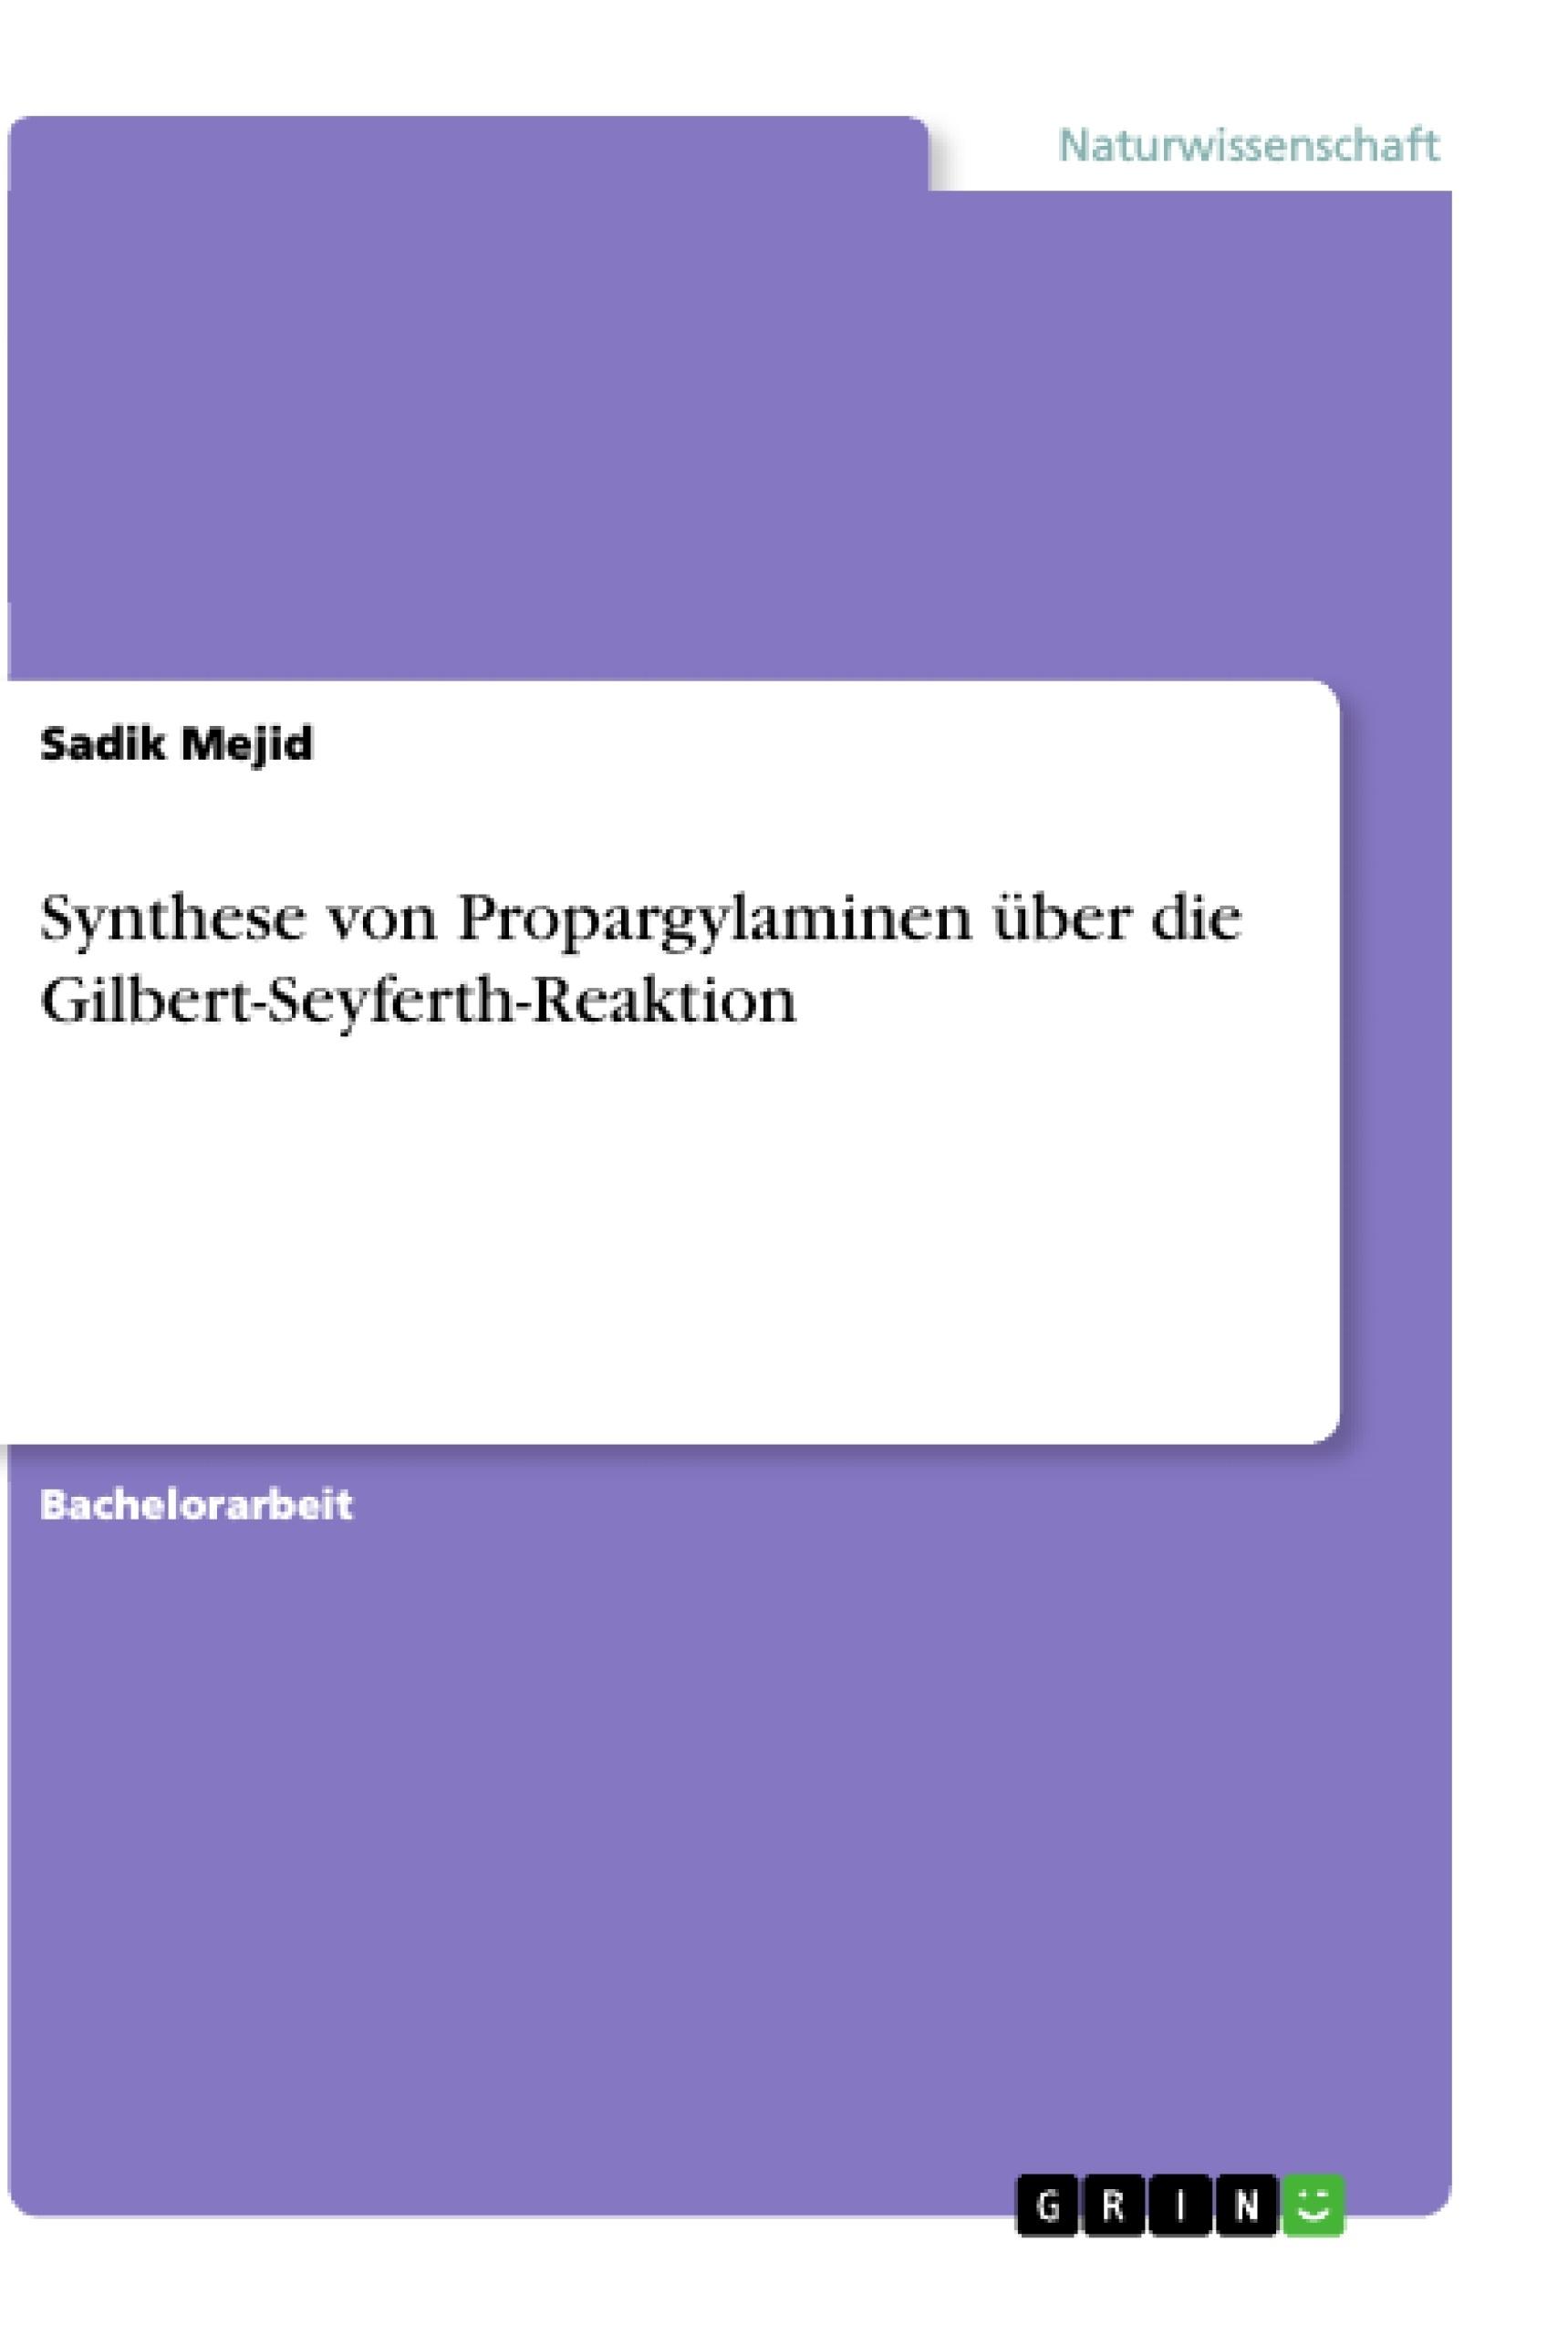 Titel: Synthese von Propargylaminen über die Gilbert-Seyferth-Reaktion